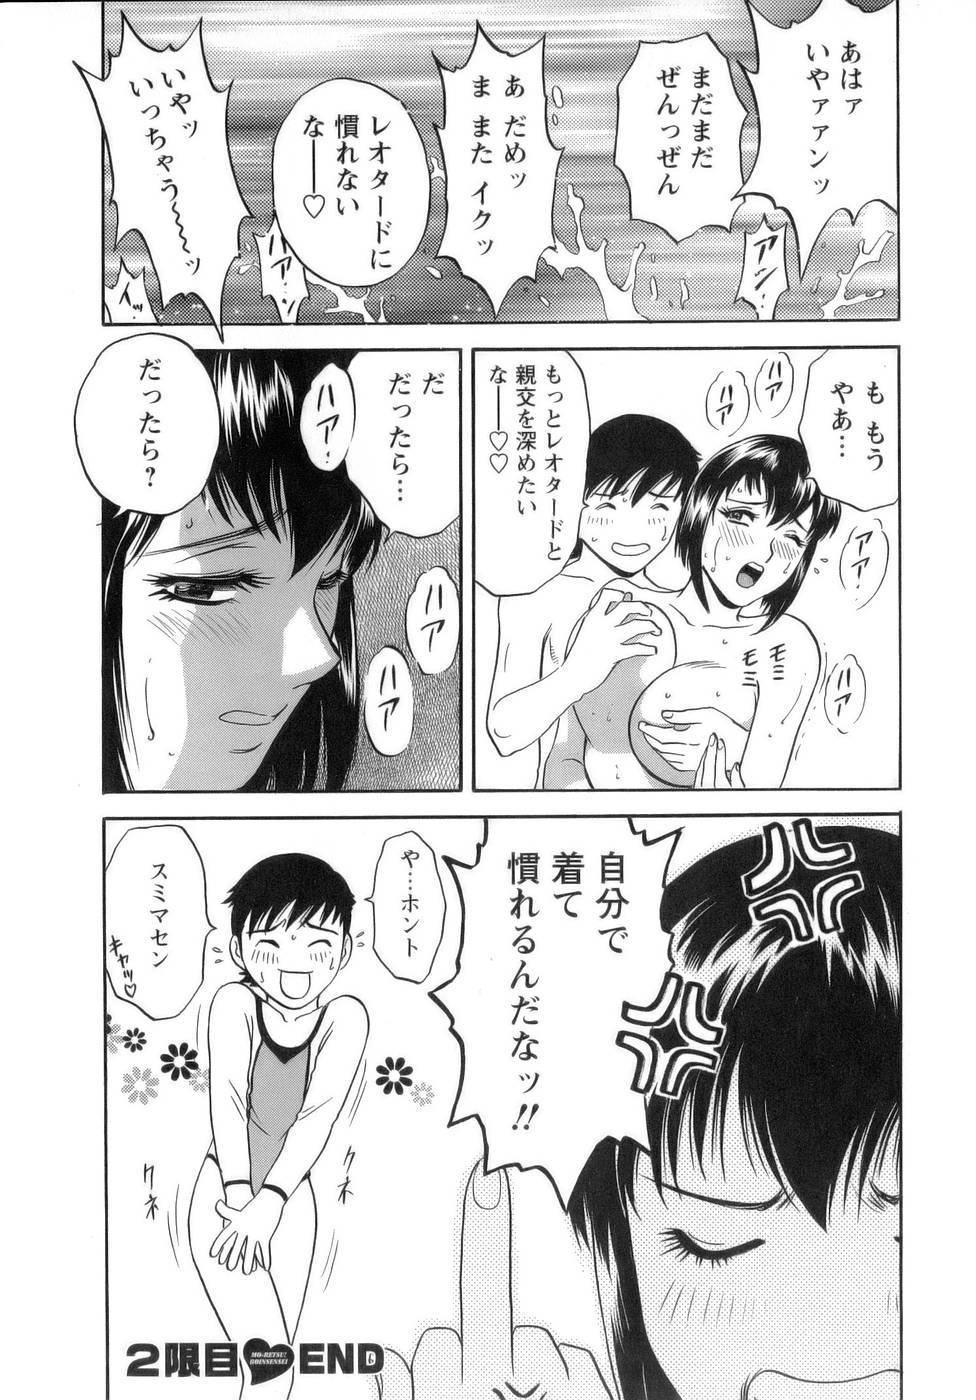 [Hidemaru] Mo-Retsu! Boin Sensei (Boing Boing Teacher) Vol.1 48